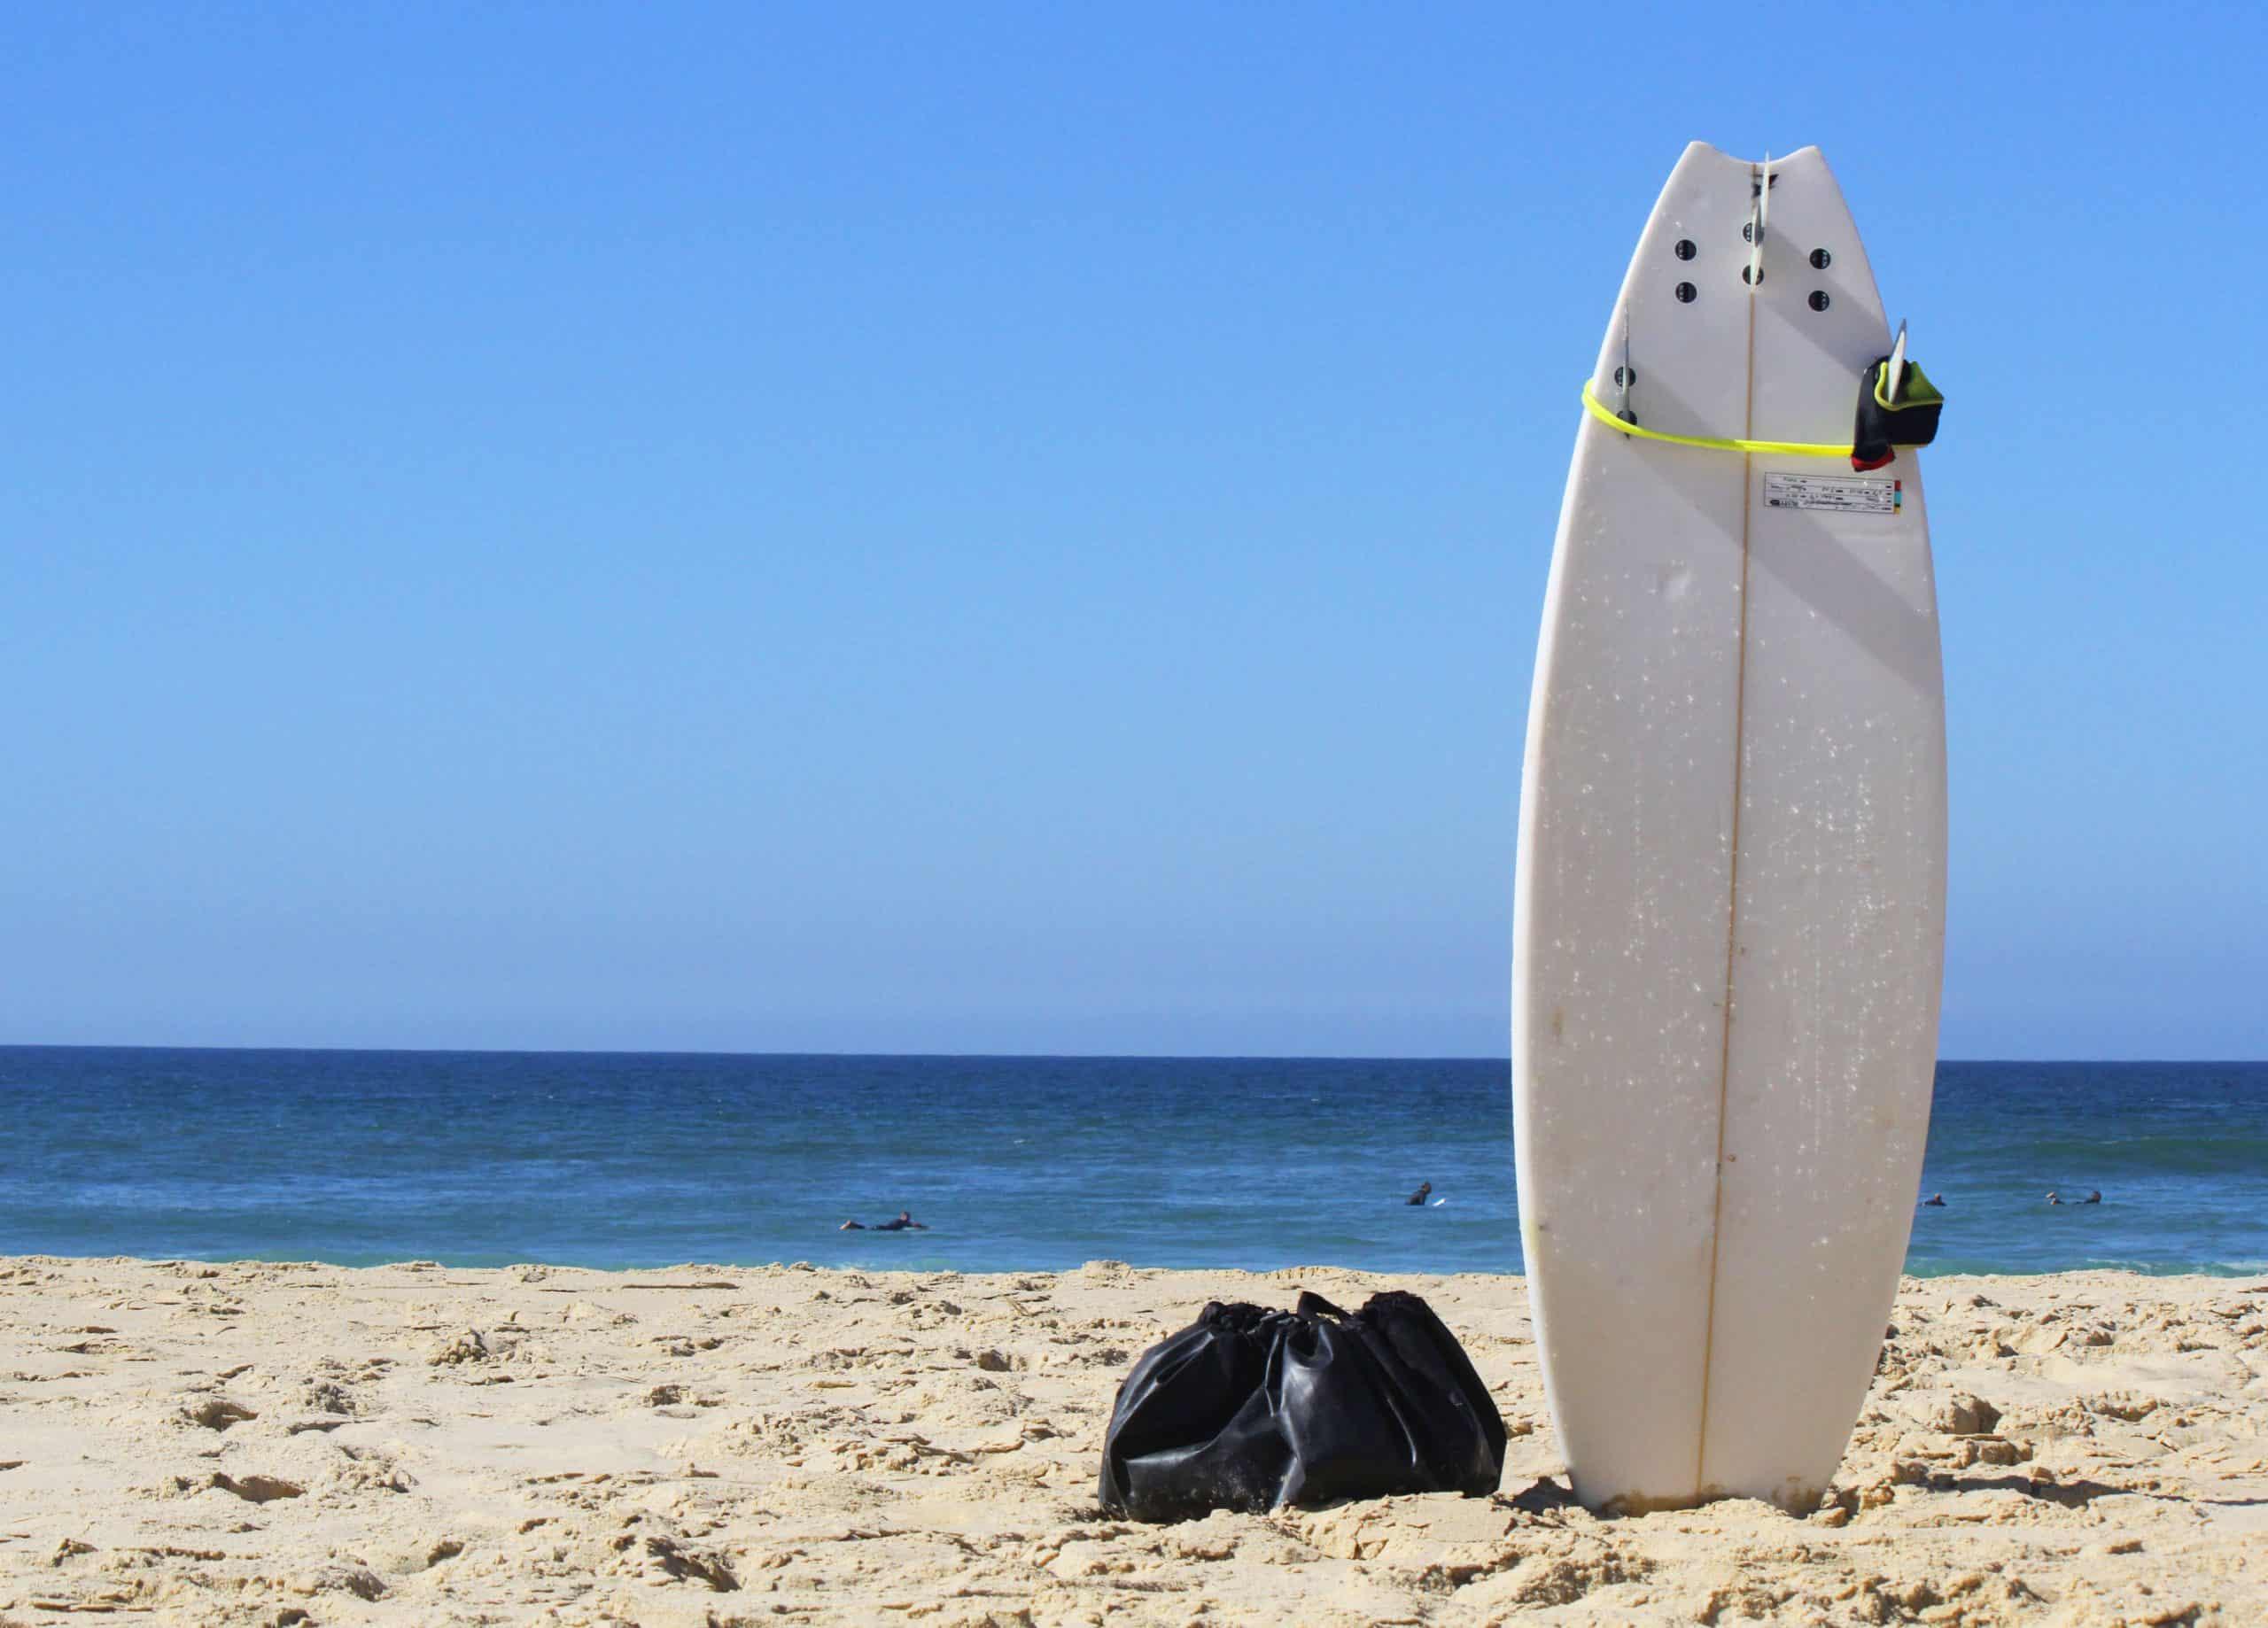 moonbag-surfboard-scaled.jpg